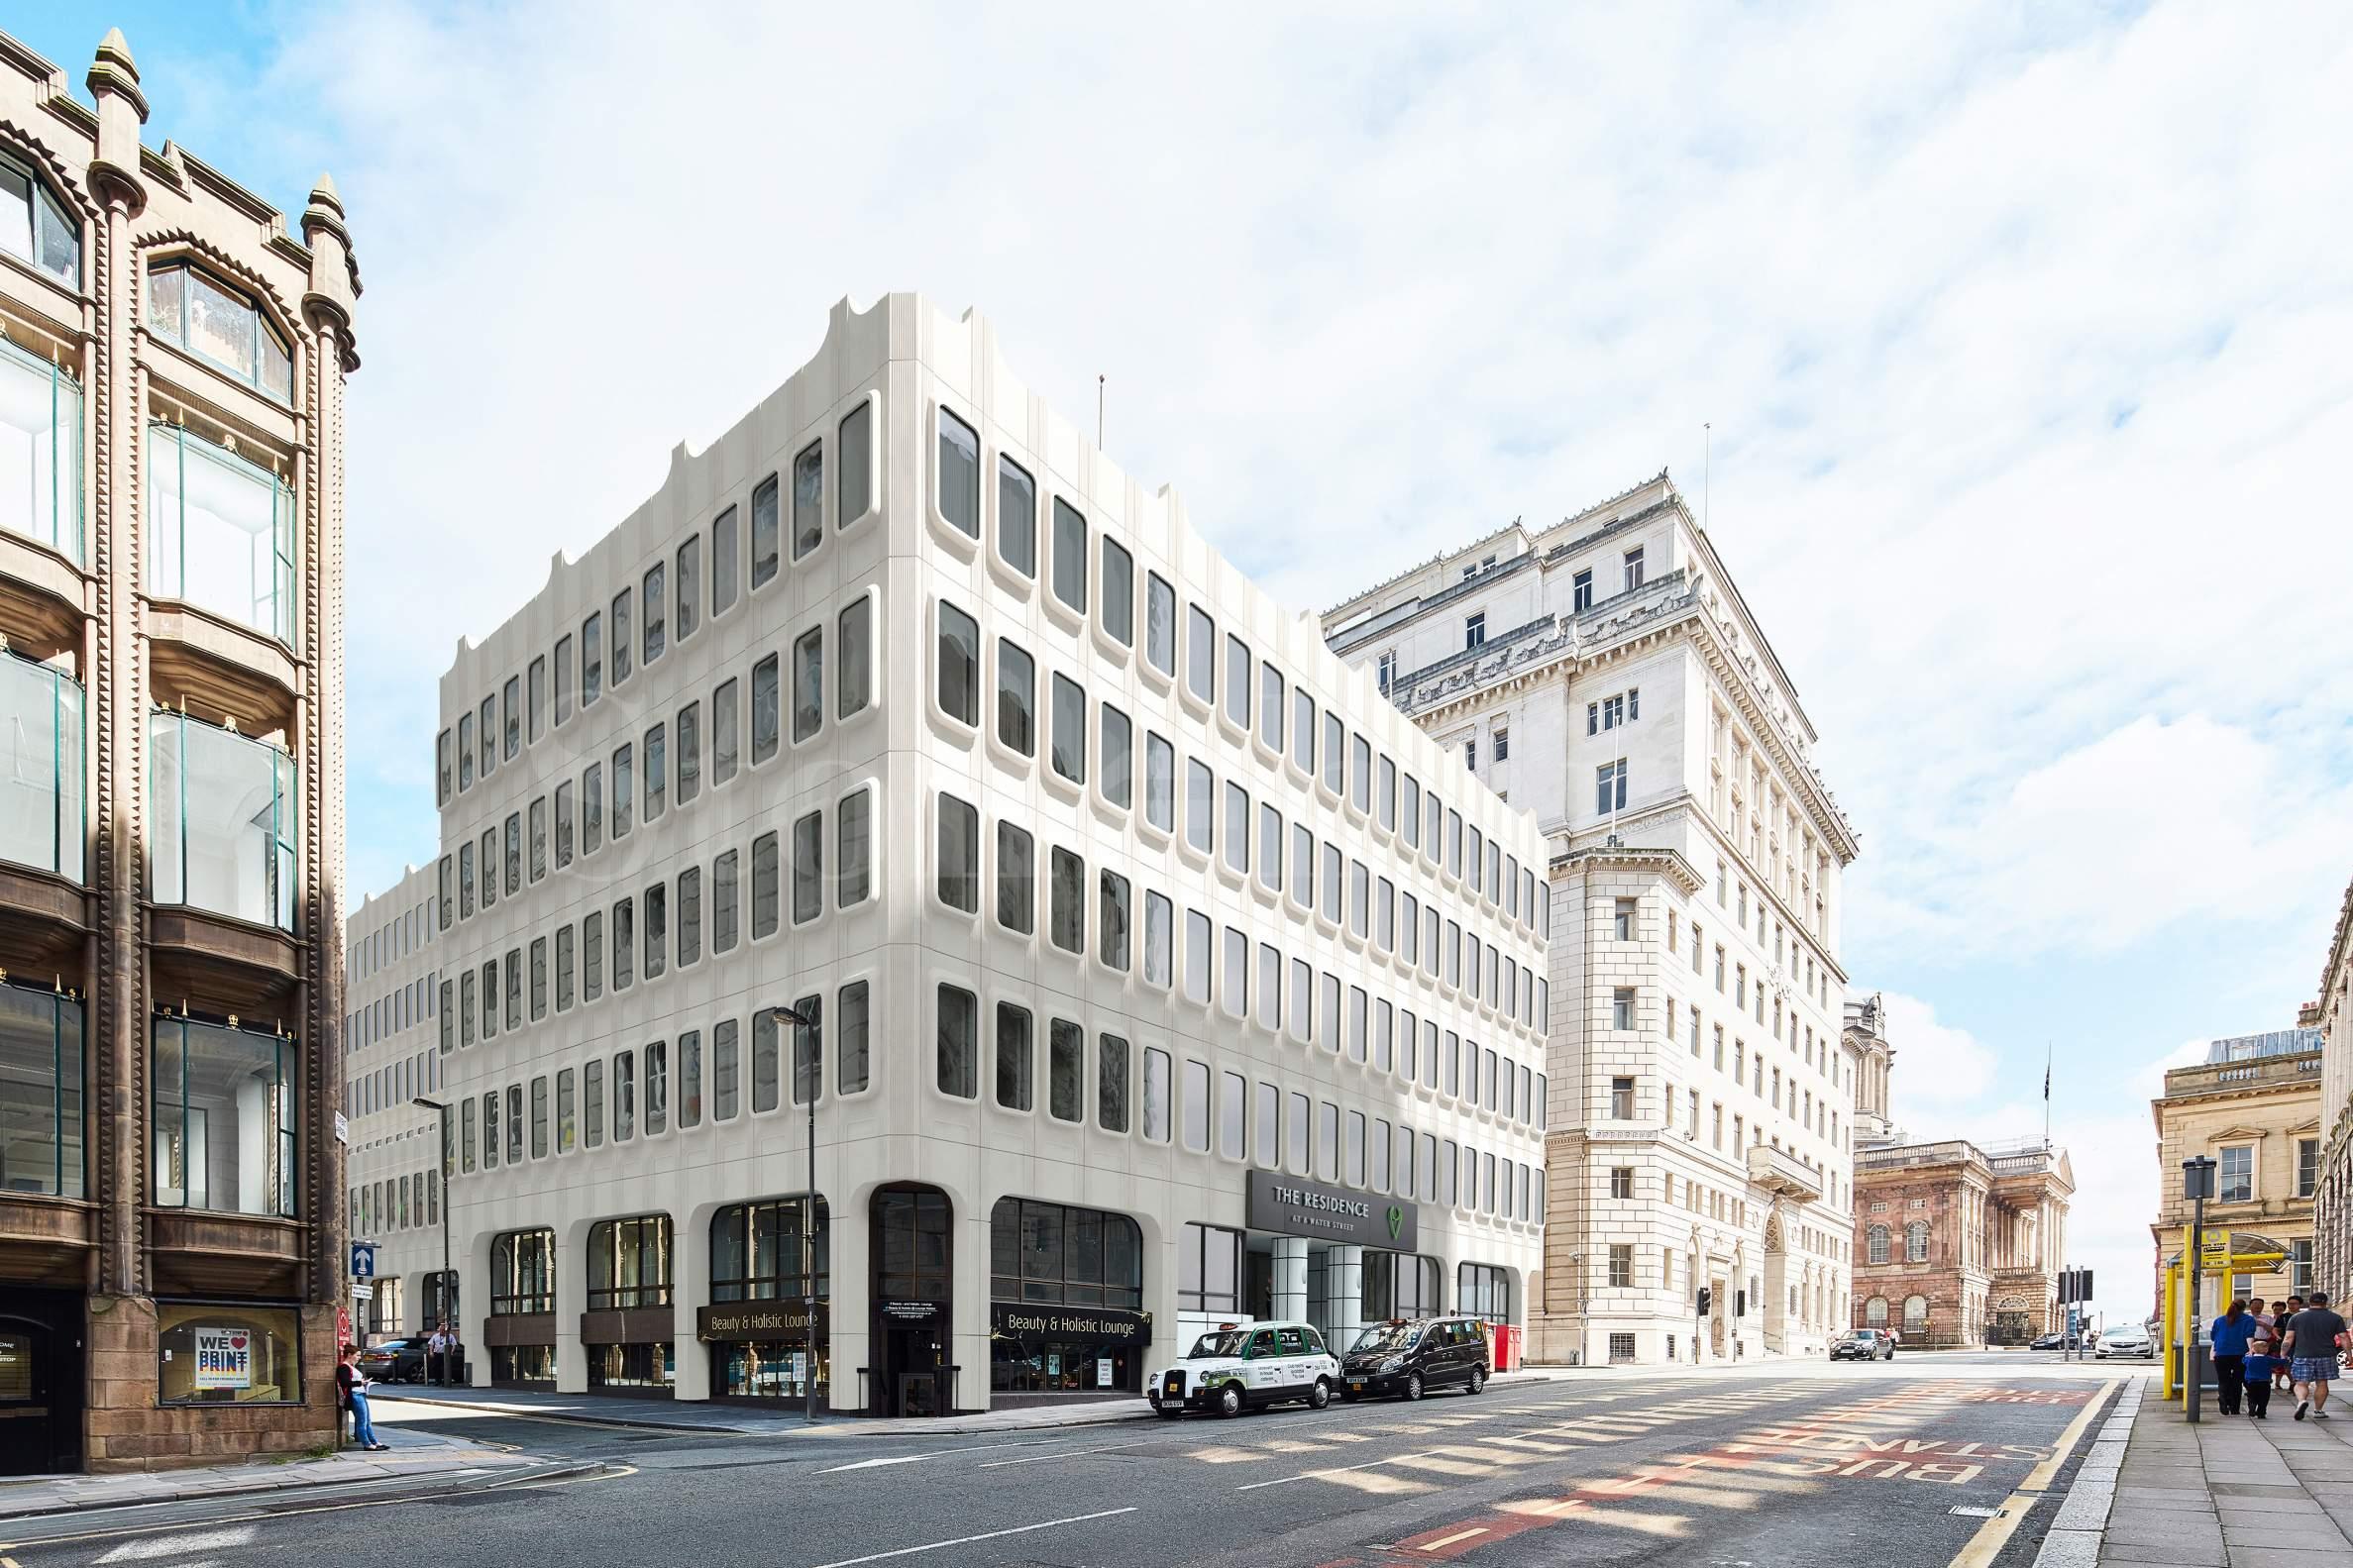 Апартаменти за продажба и под наем в центъра1 - Stonehard